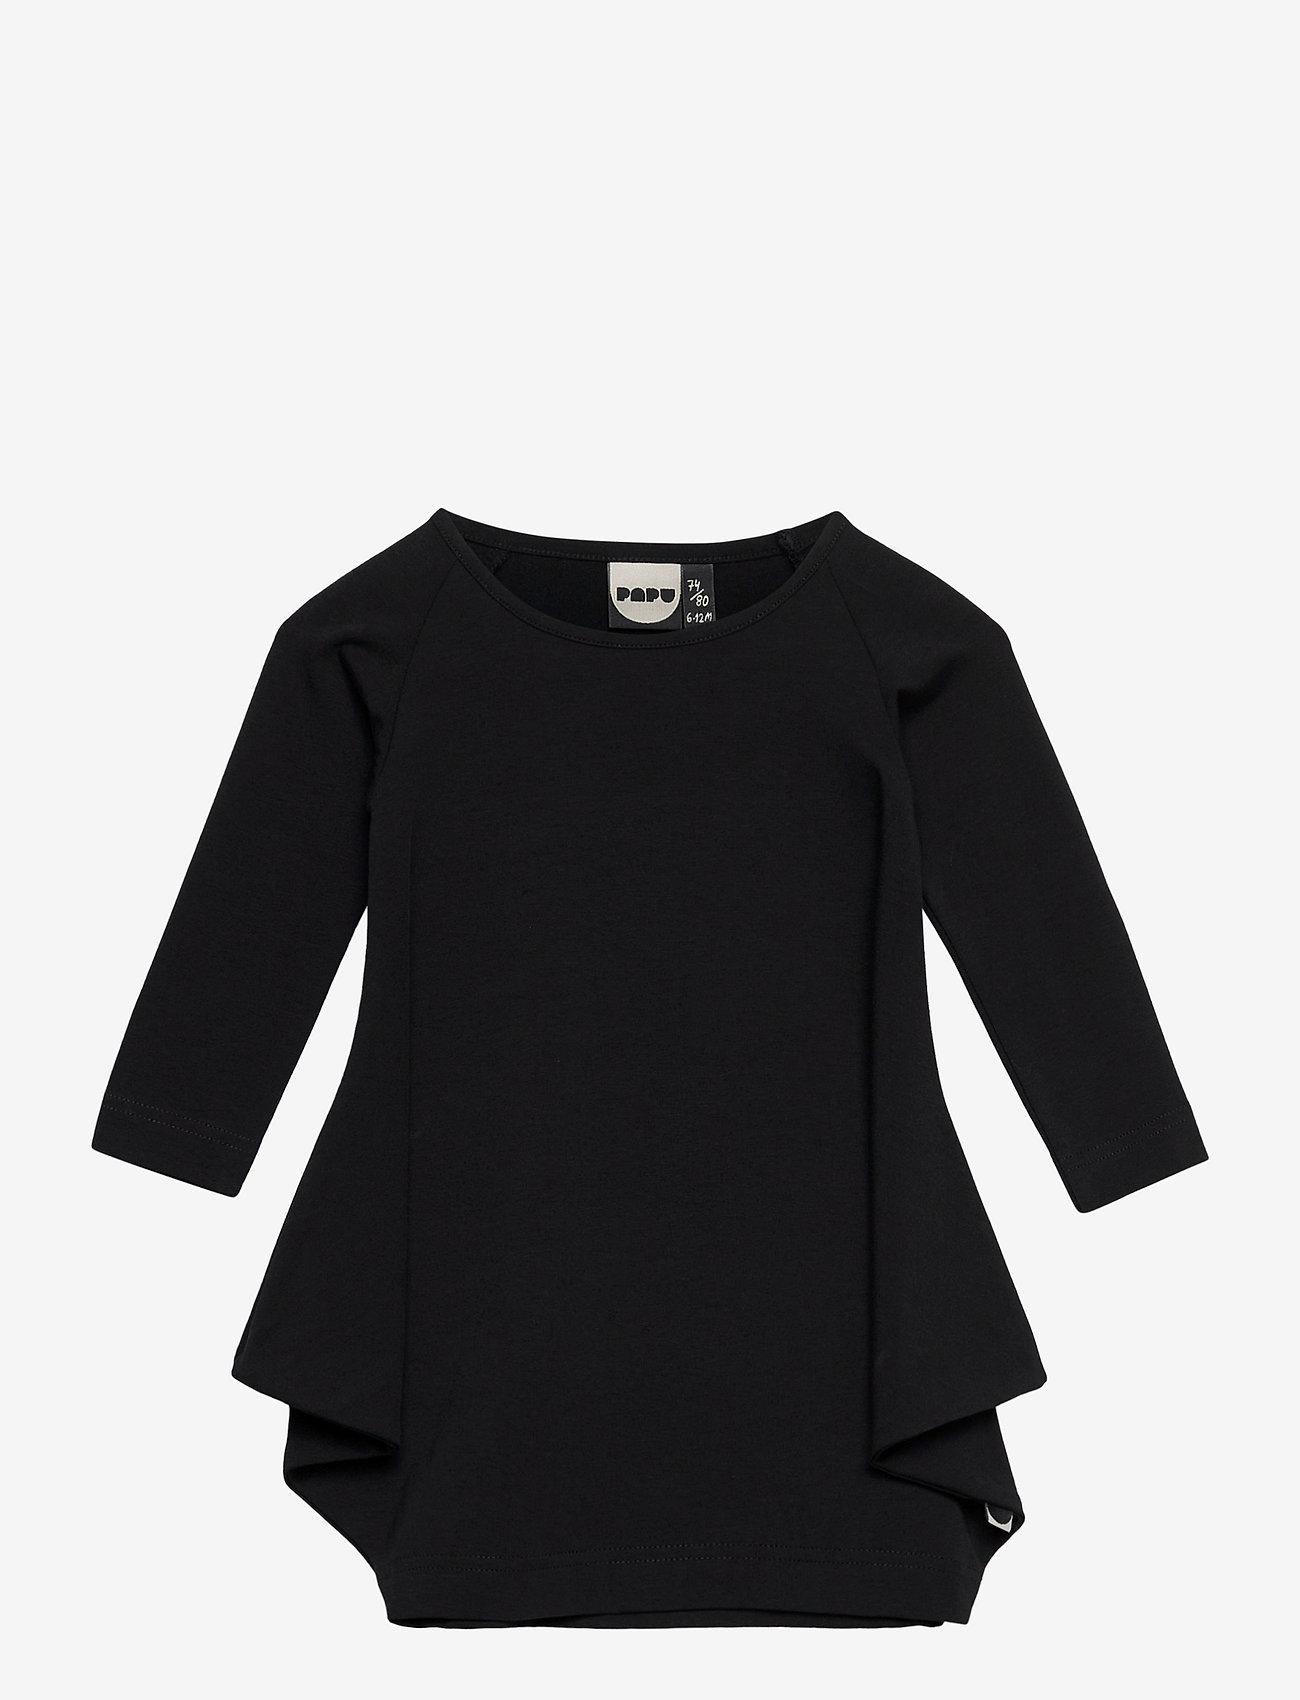 Papu - KANTO DRESS KID - kleider - black - 0